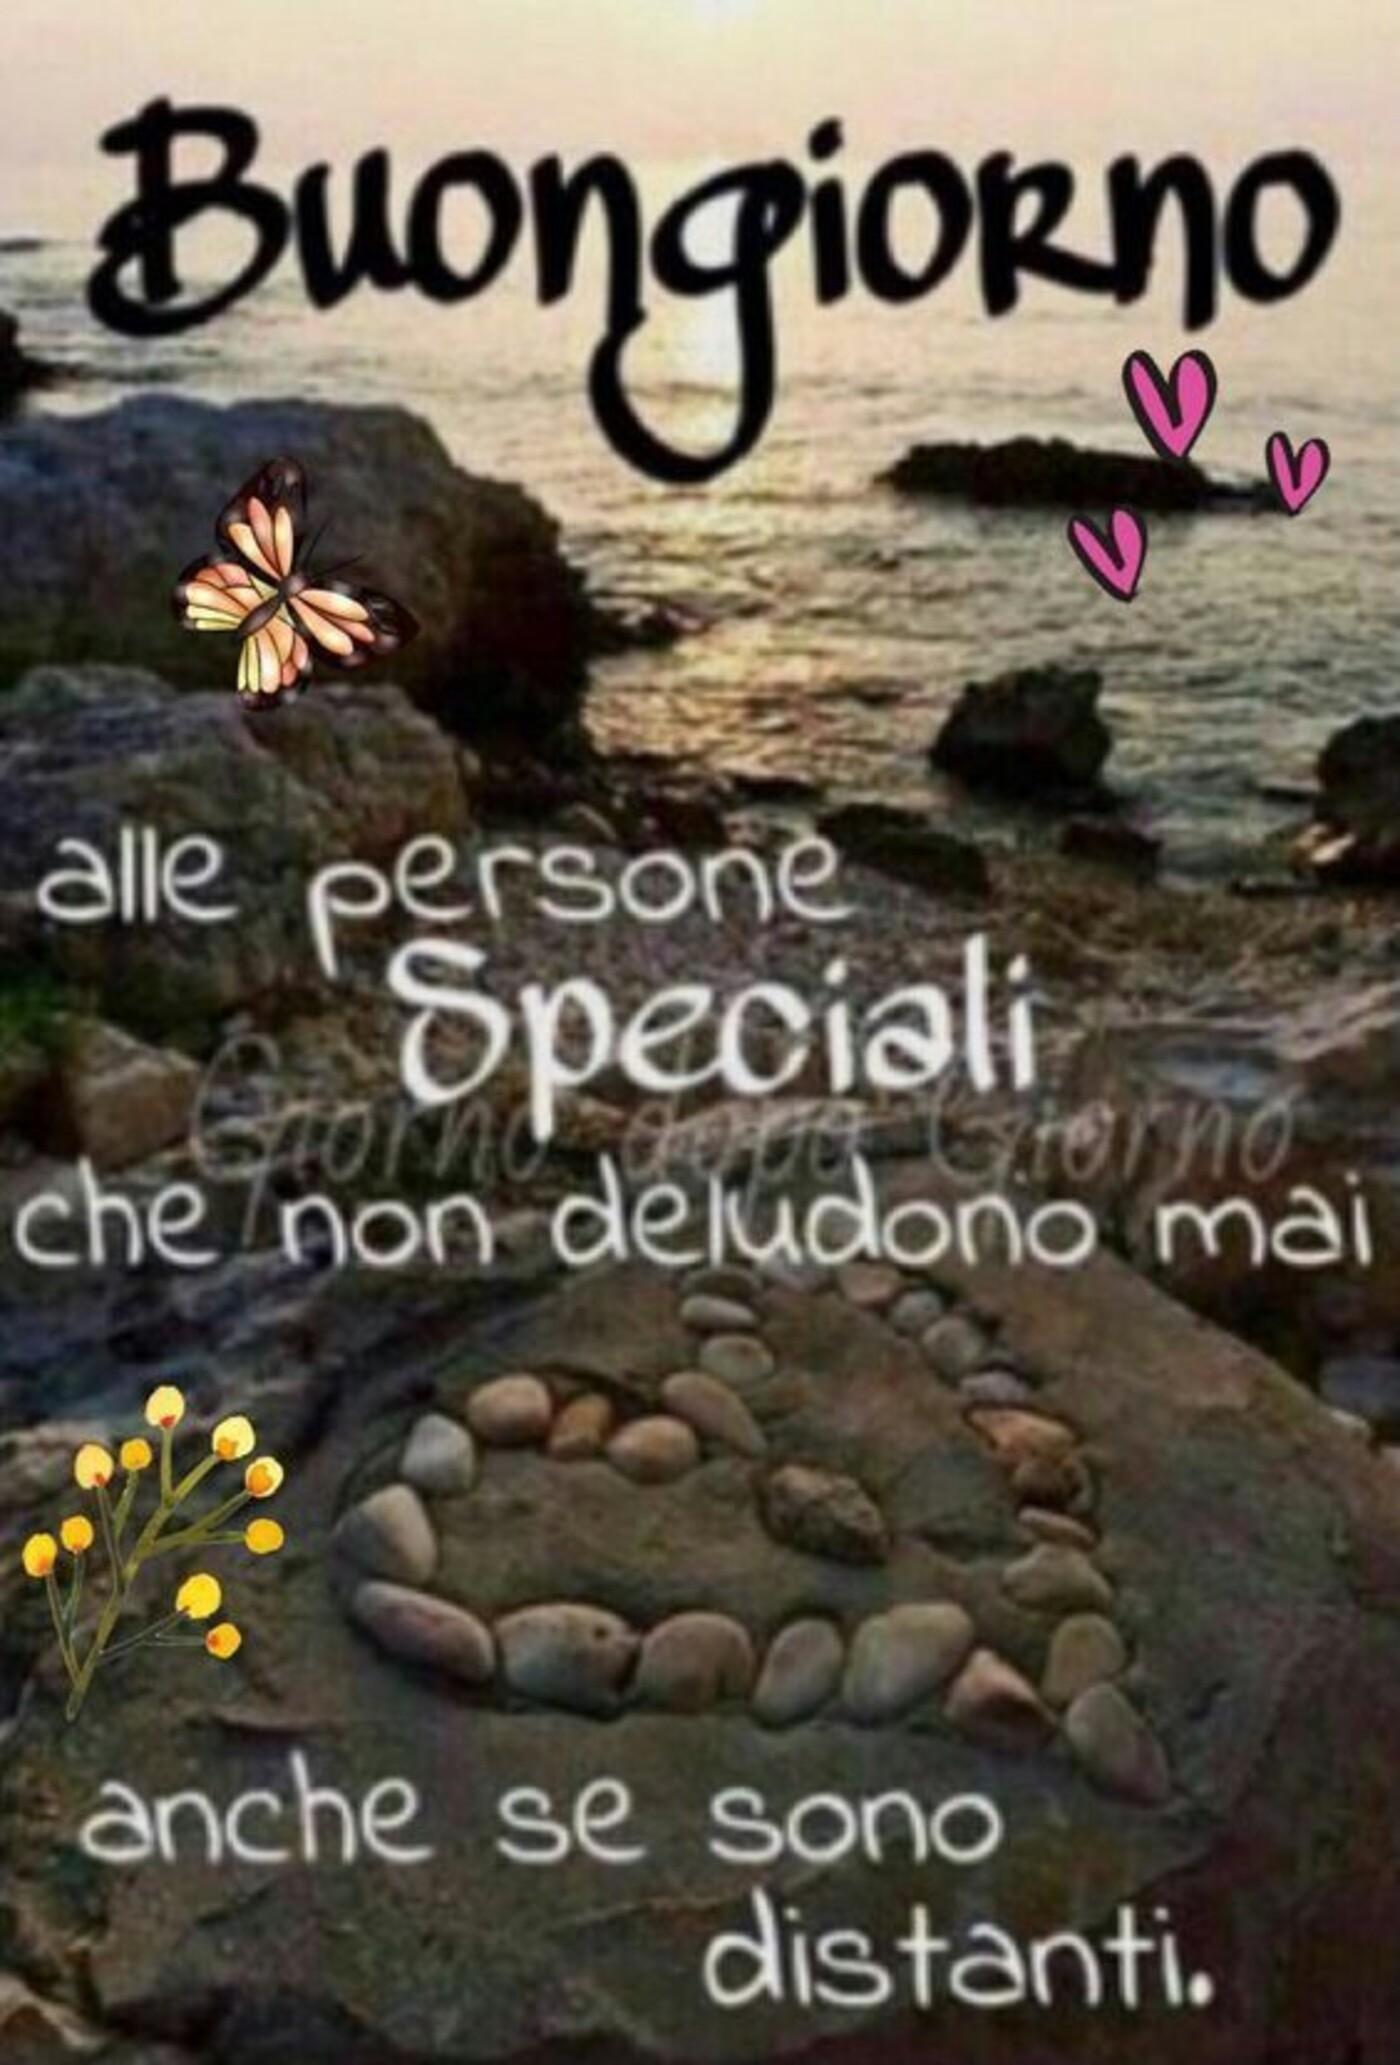 Buongiorno alle Persone Speciali che non deludono mai, anche se sono distanti